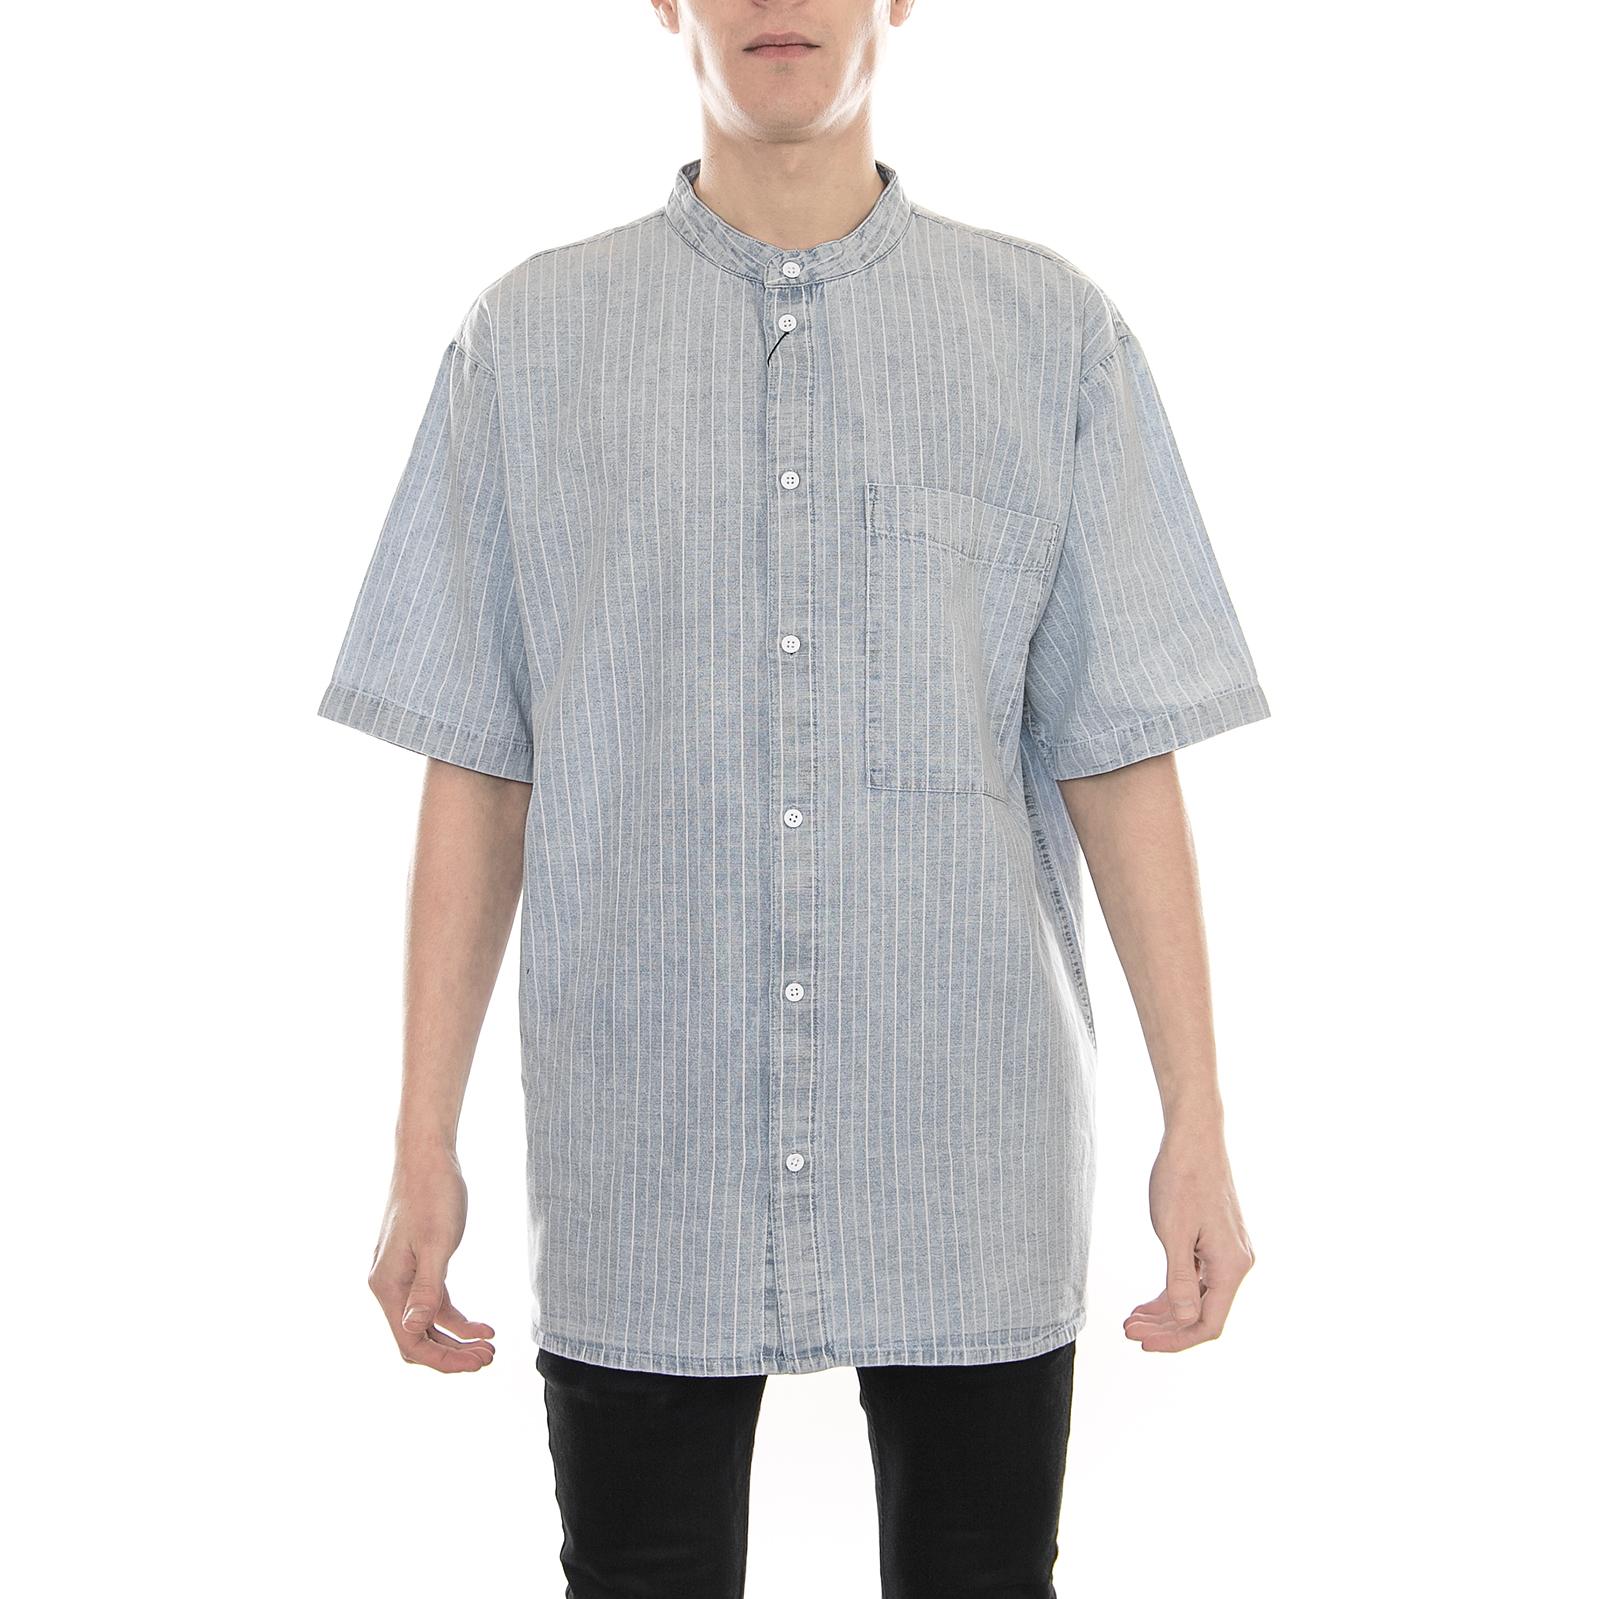 Grigio 6XL James & Nicholson Uomo's Business Shirt Longsleeve, Camicia Camicia Camicia edab89